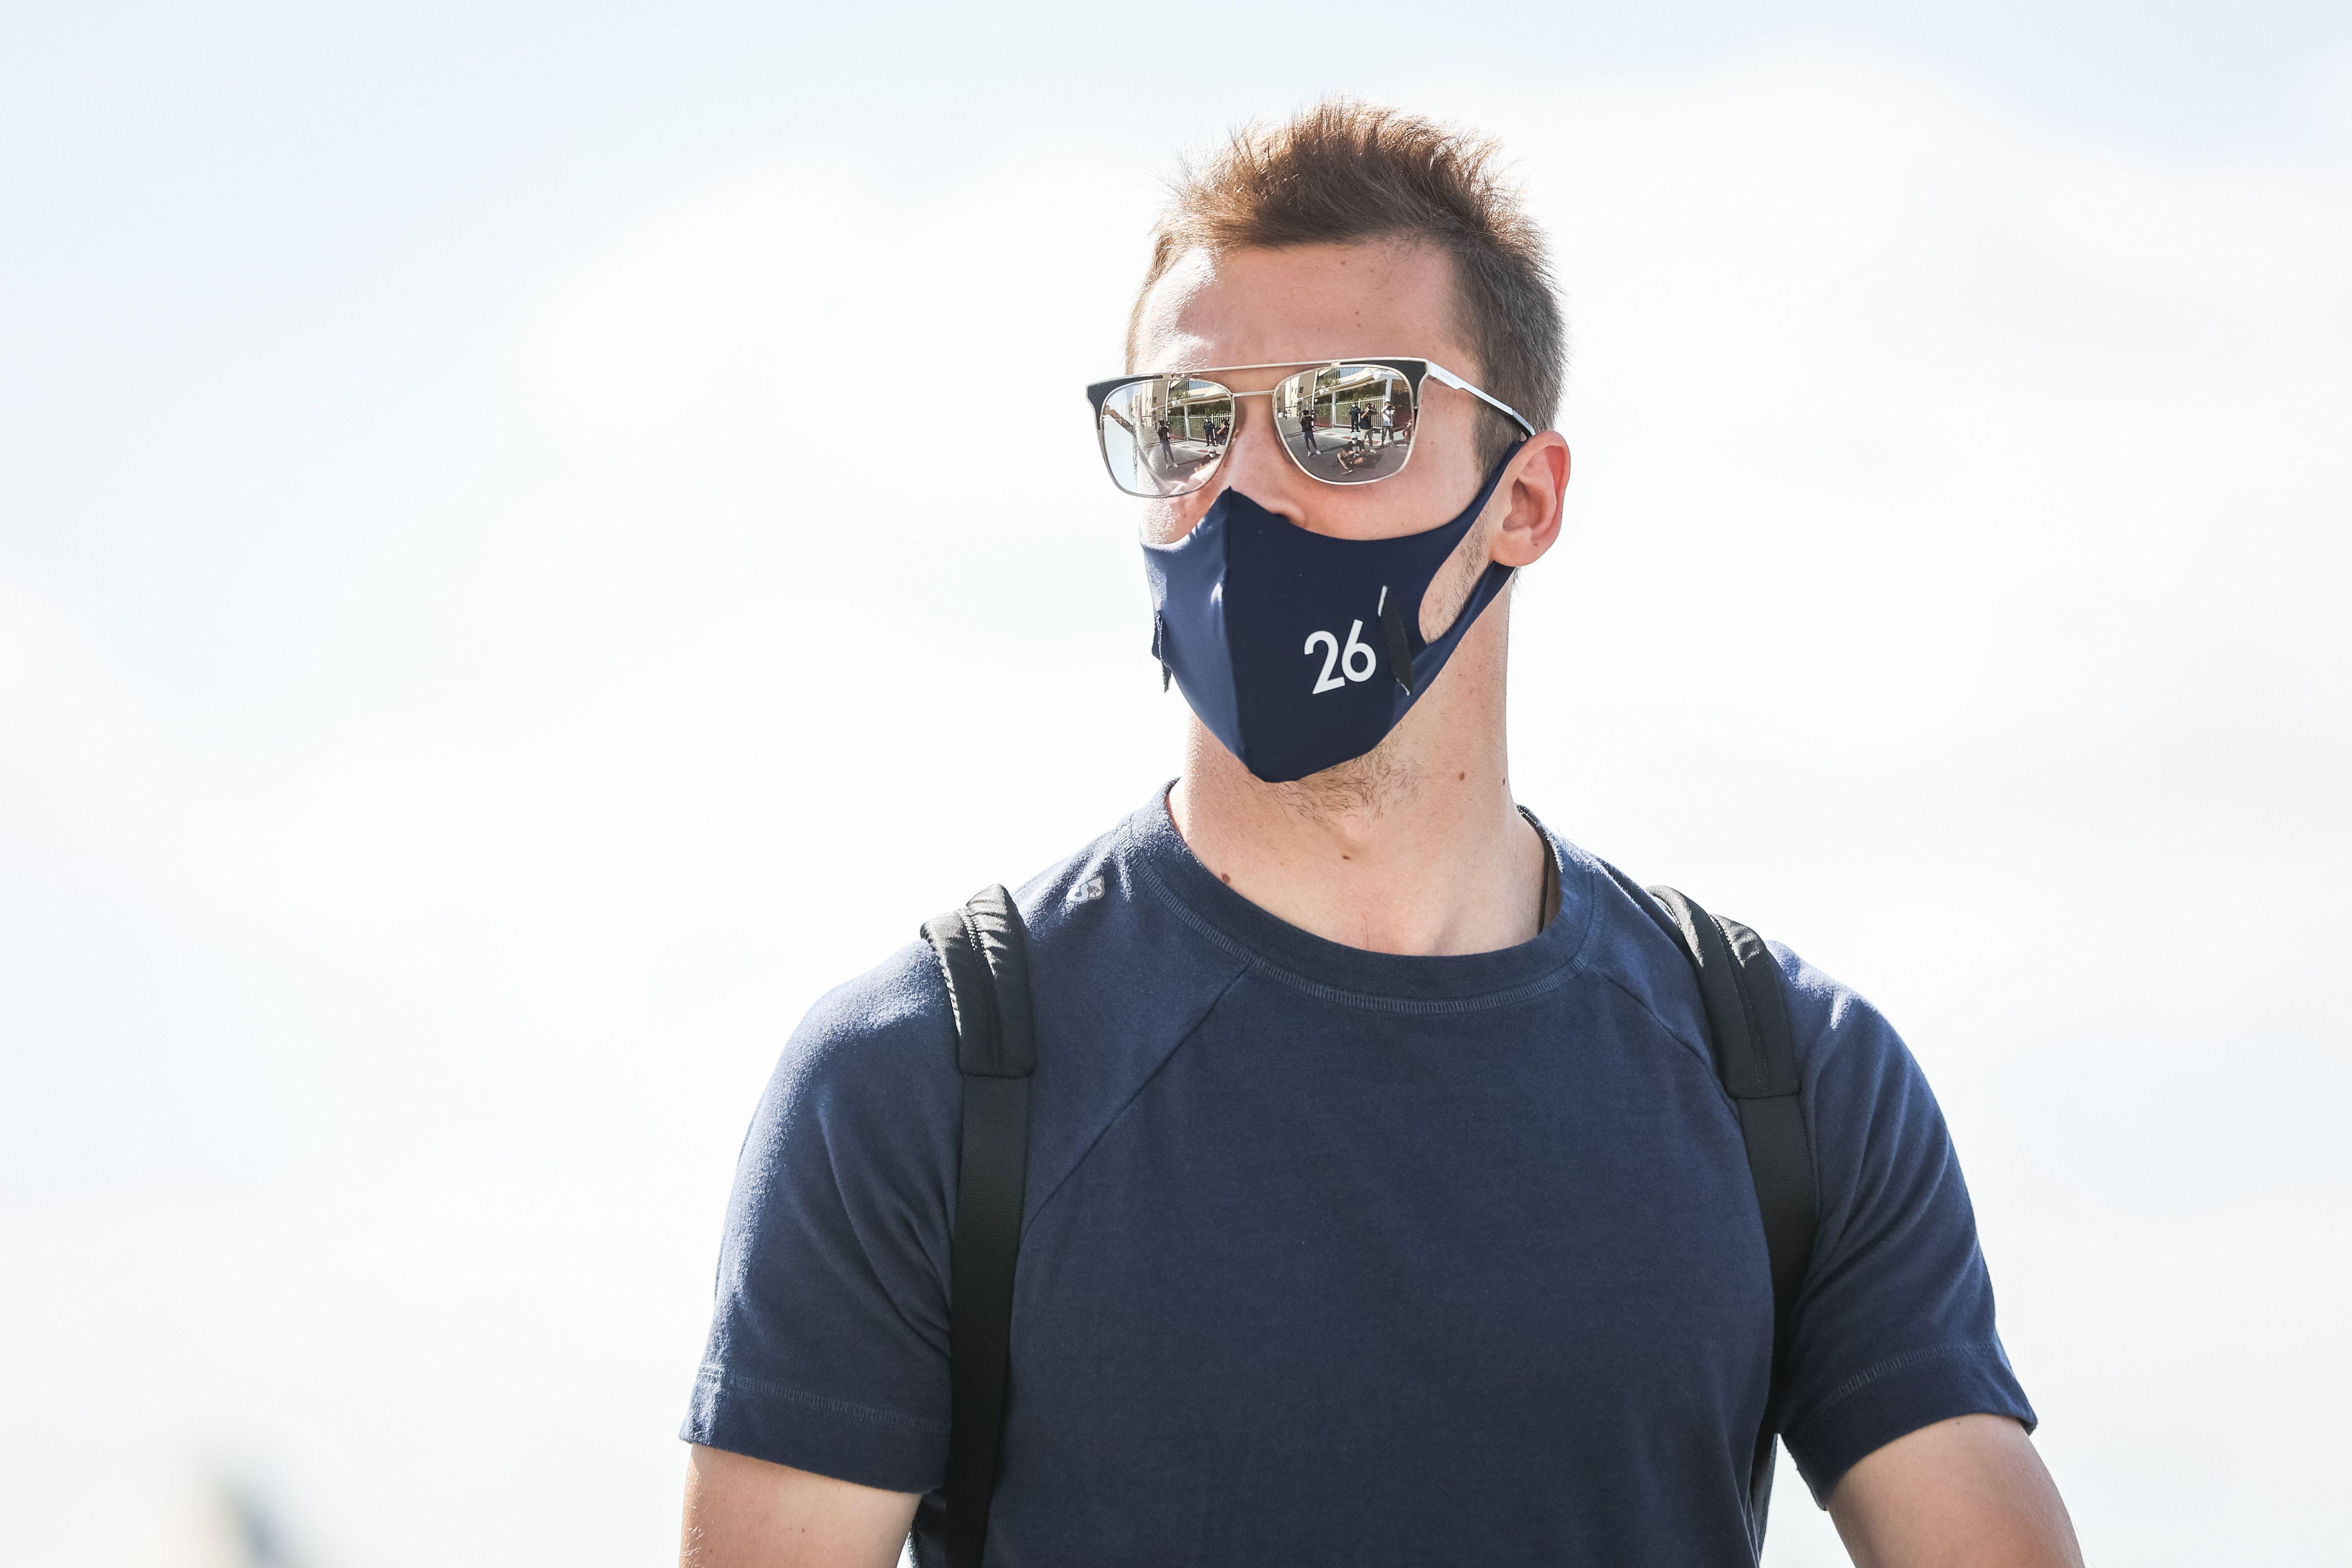 Бывший пилот 'Мировой серии' Марценко: 'Жаль, что Квят слишком поздно расслабился и начал давать результат'